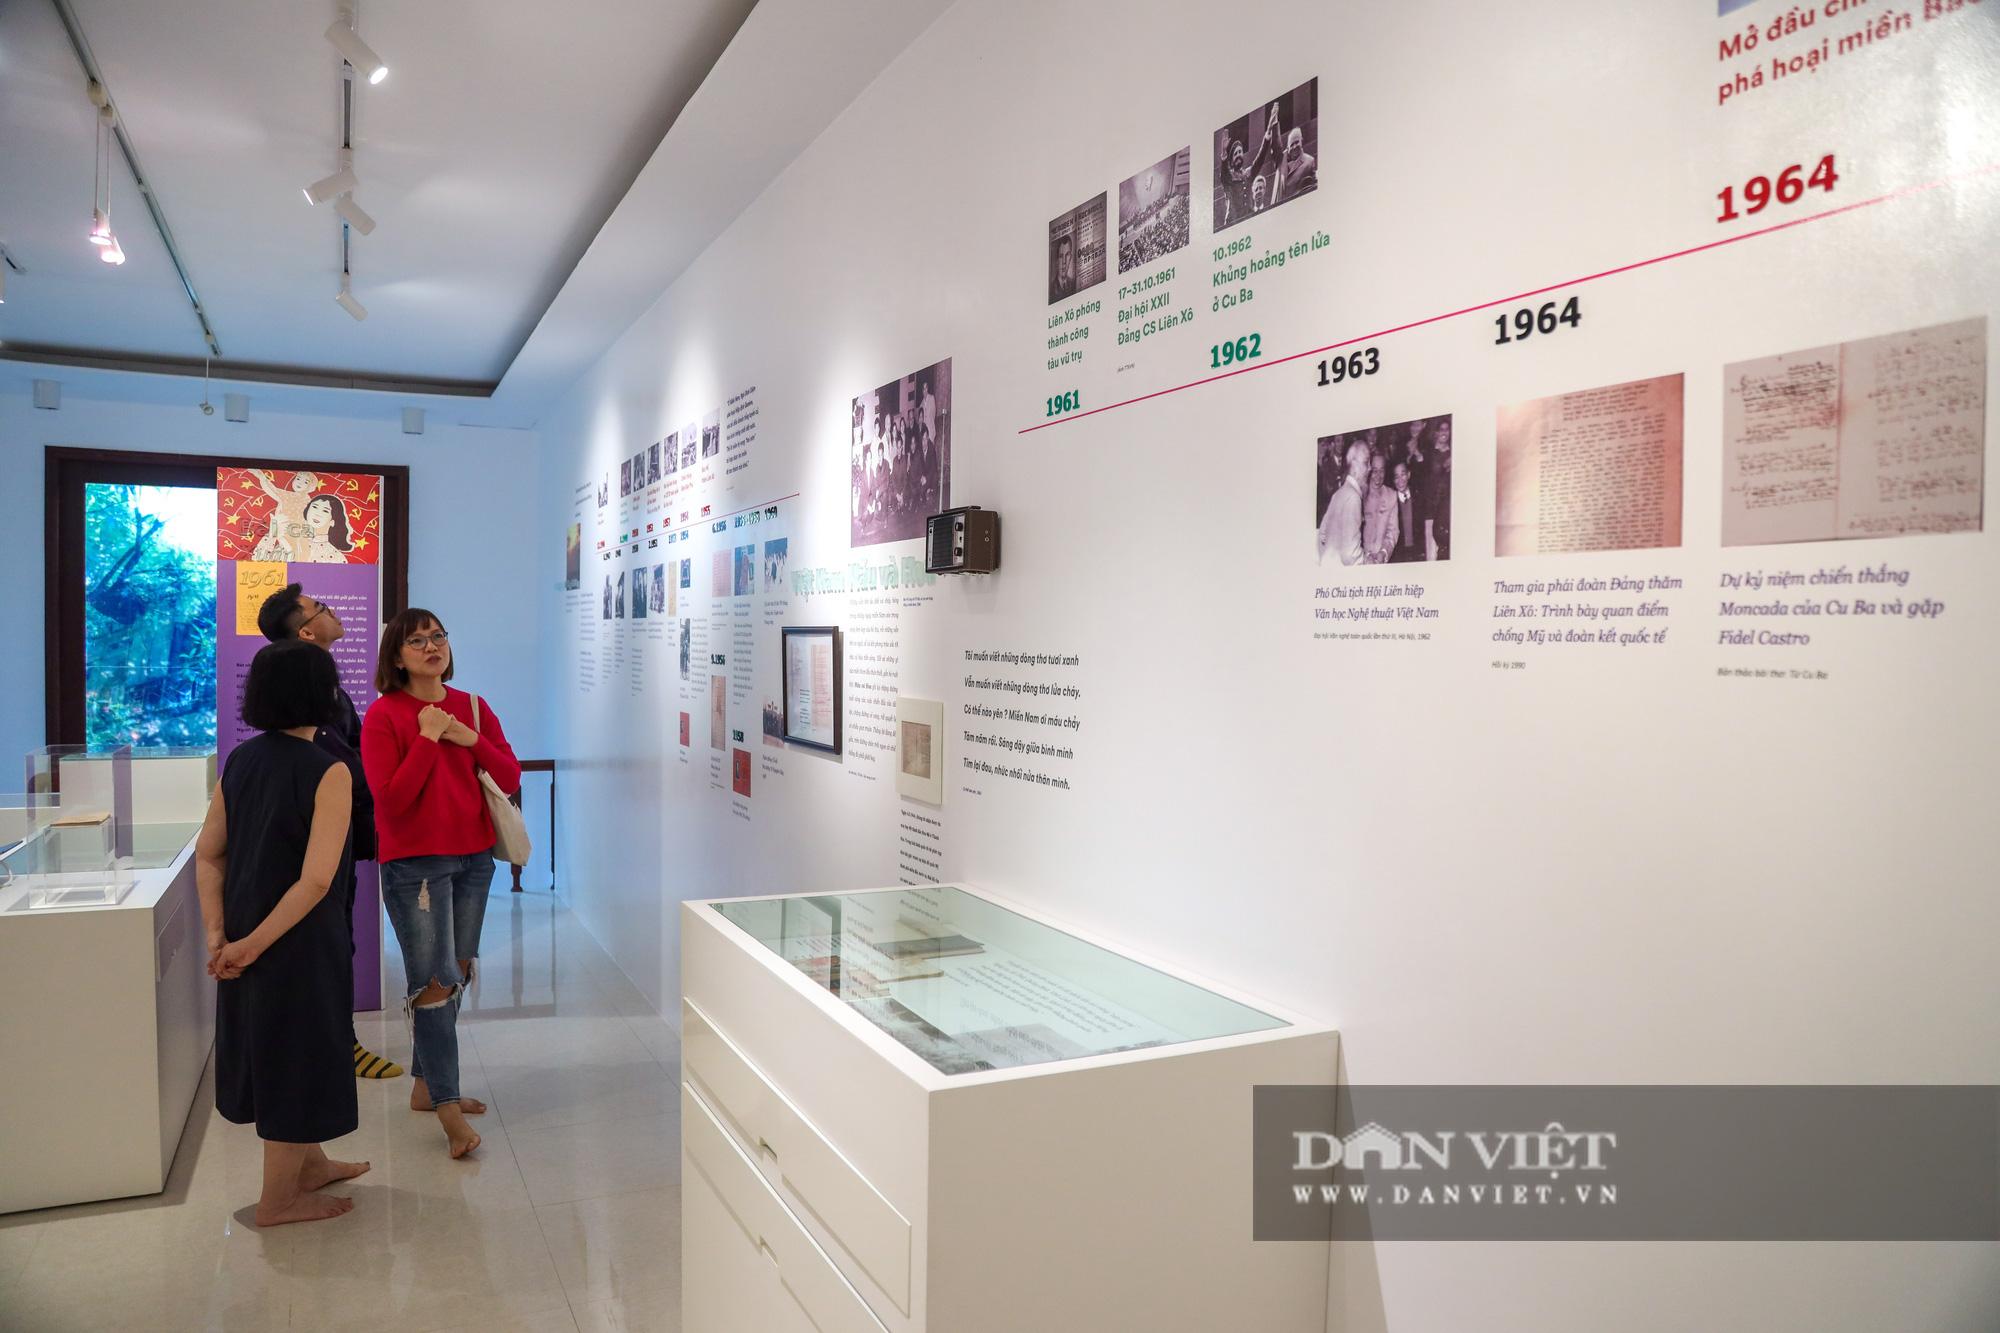 """Chiêm ngưỡng """"bảo tàng thơ"""" Tố Hữu mới xuất hiện tại Hà Nội - Ảnh 2."""